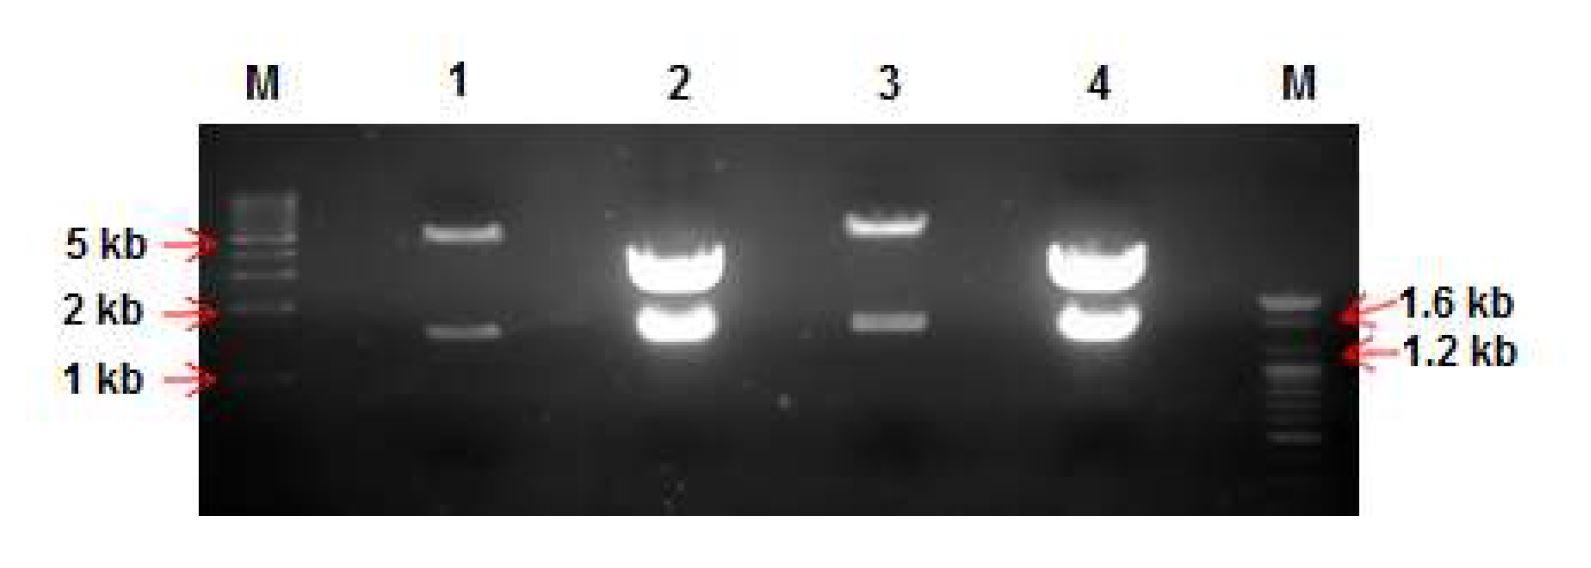 그림 23. pCAGGS vector와 insert DNA(mVH.hCγ2, mVH.hCγ4)